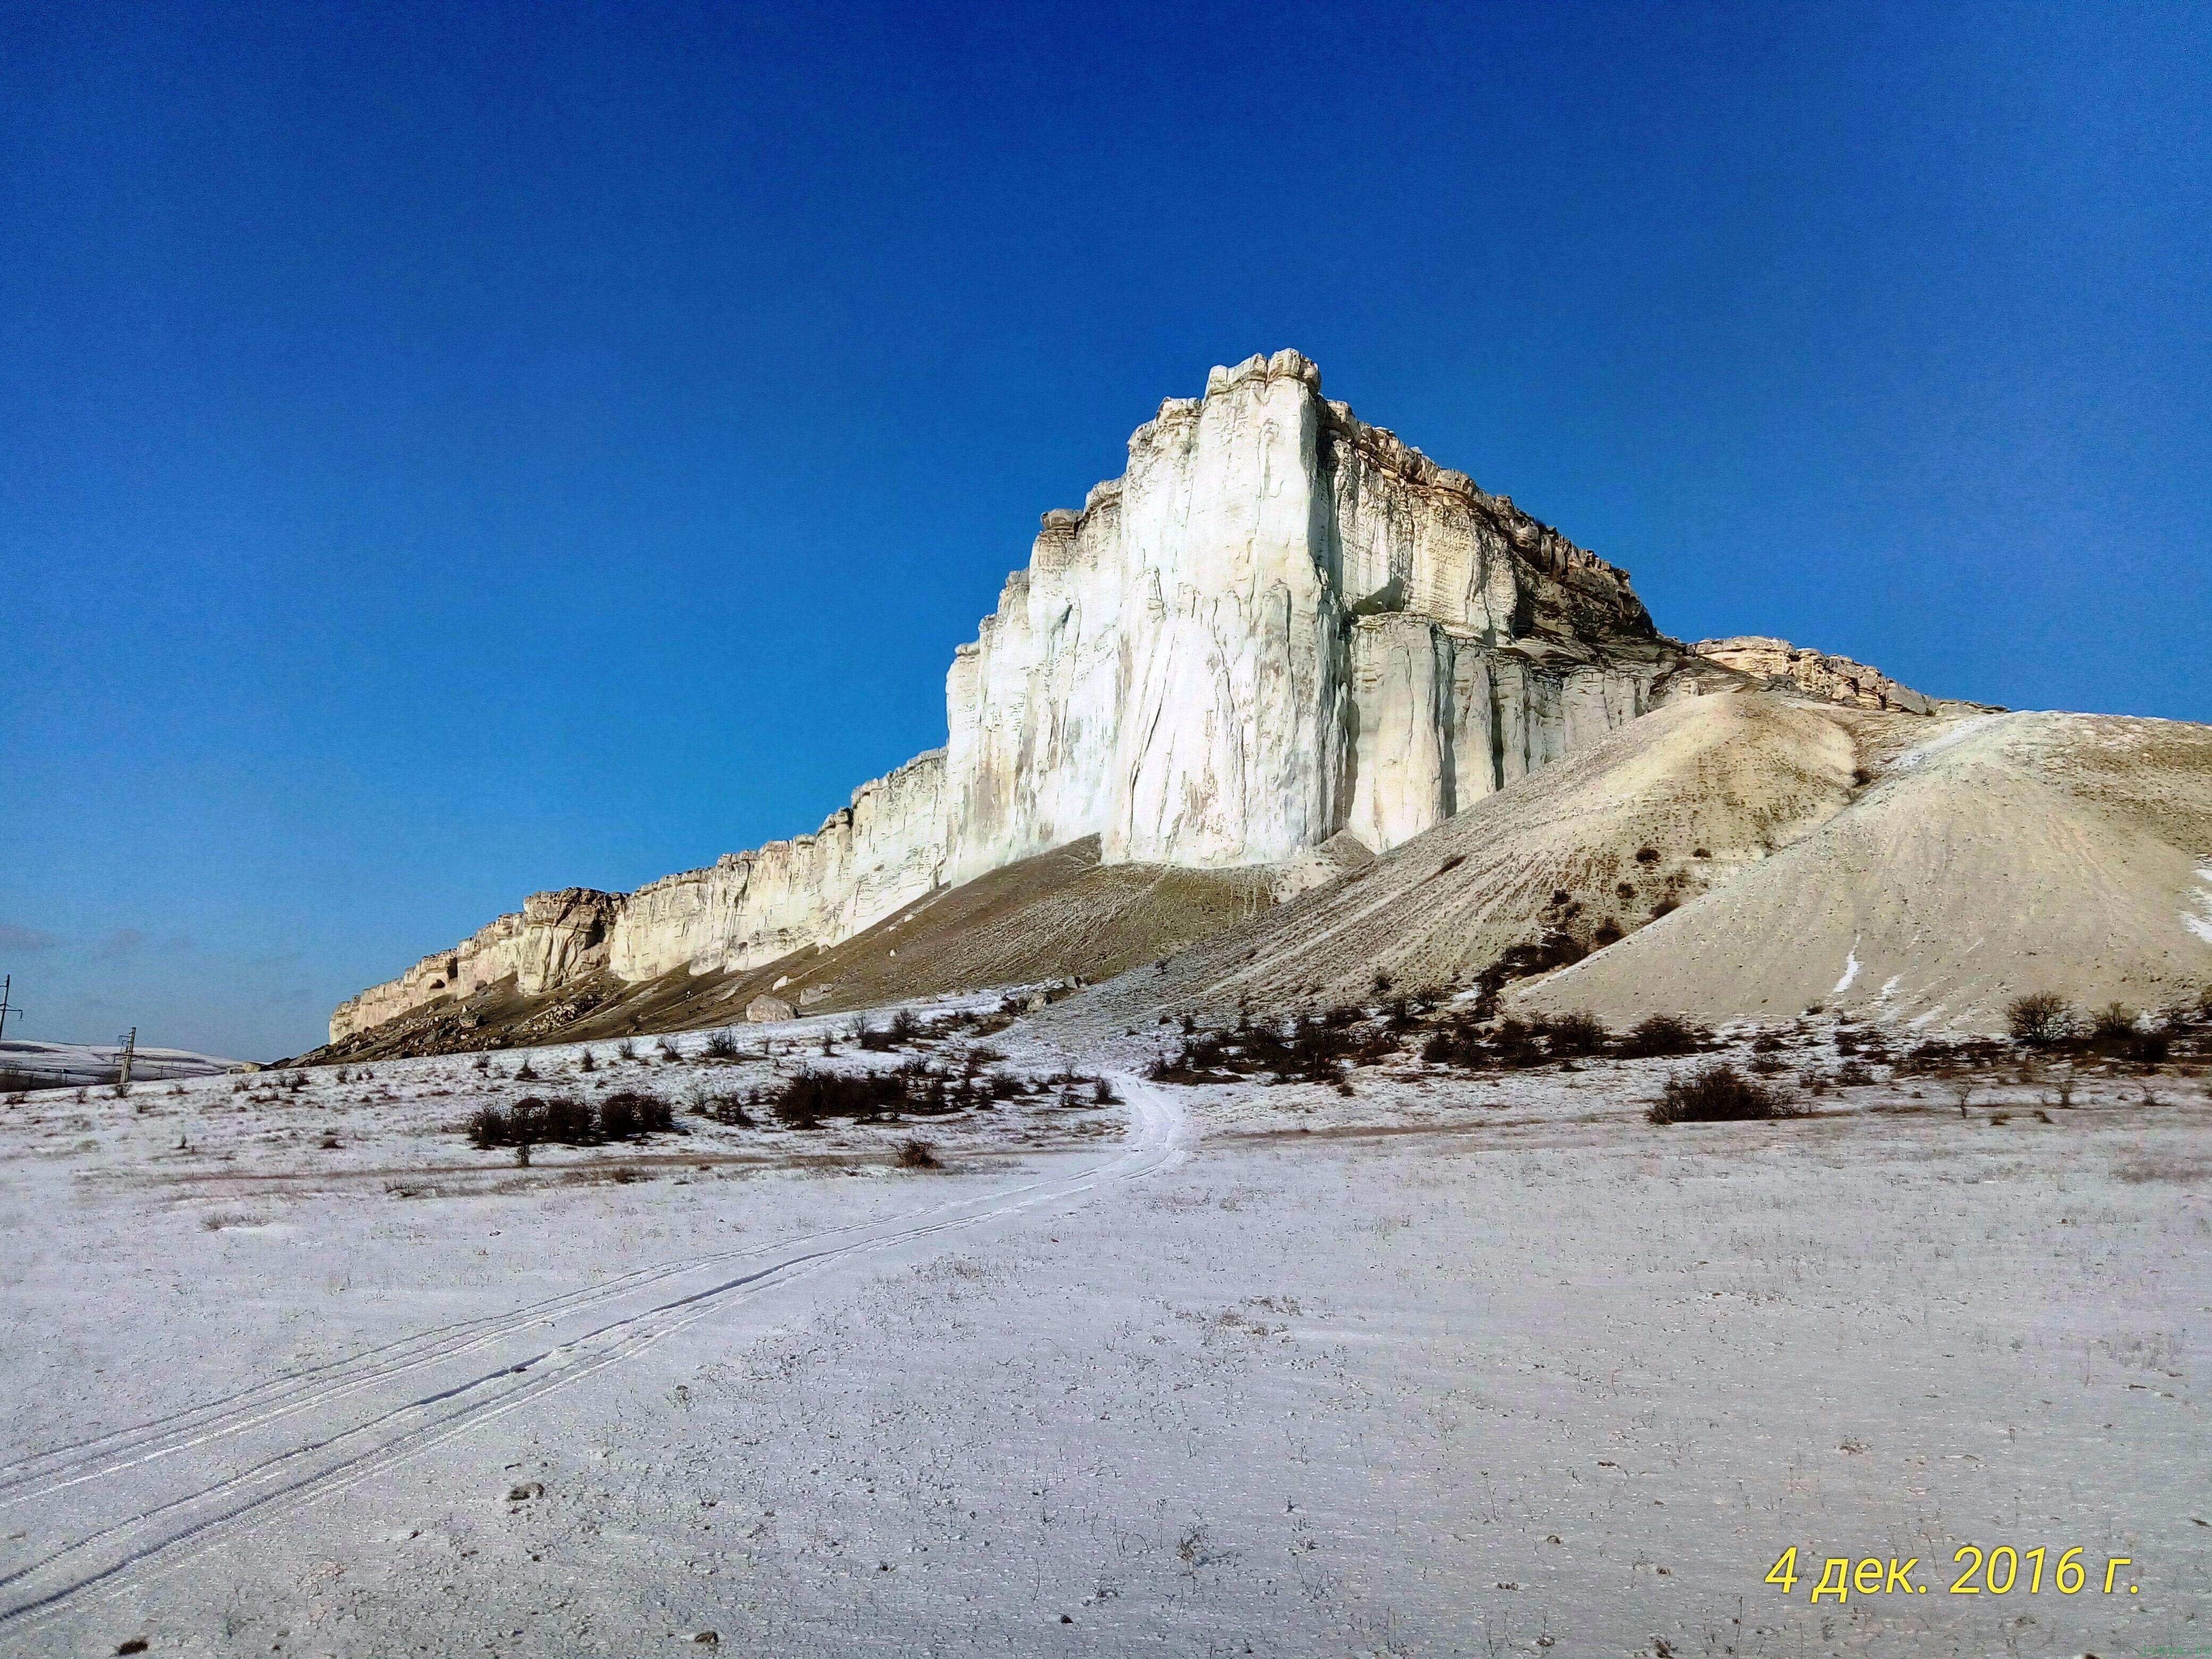 Зима на реке карасёвка Белая скала фото заметка о моей реальности в Крыму jokya.ru